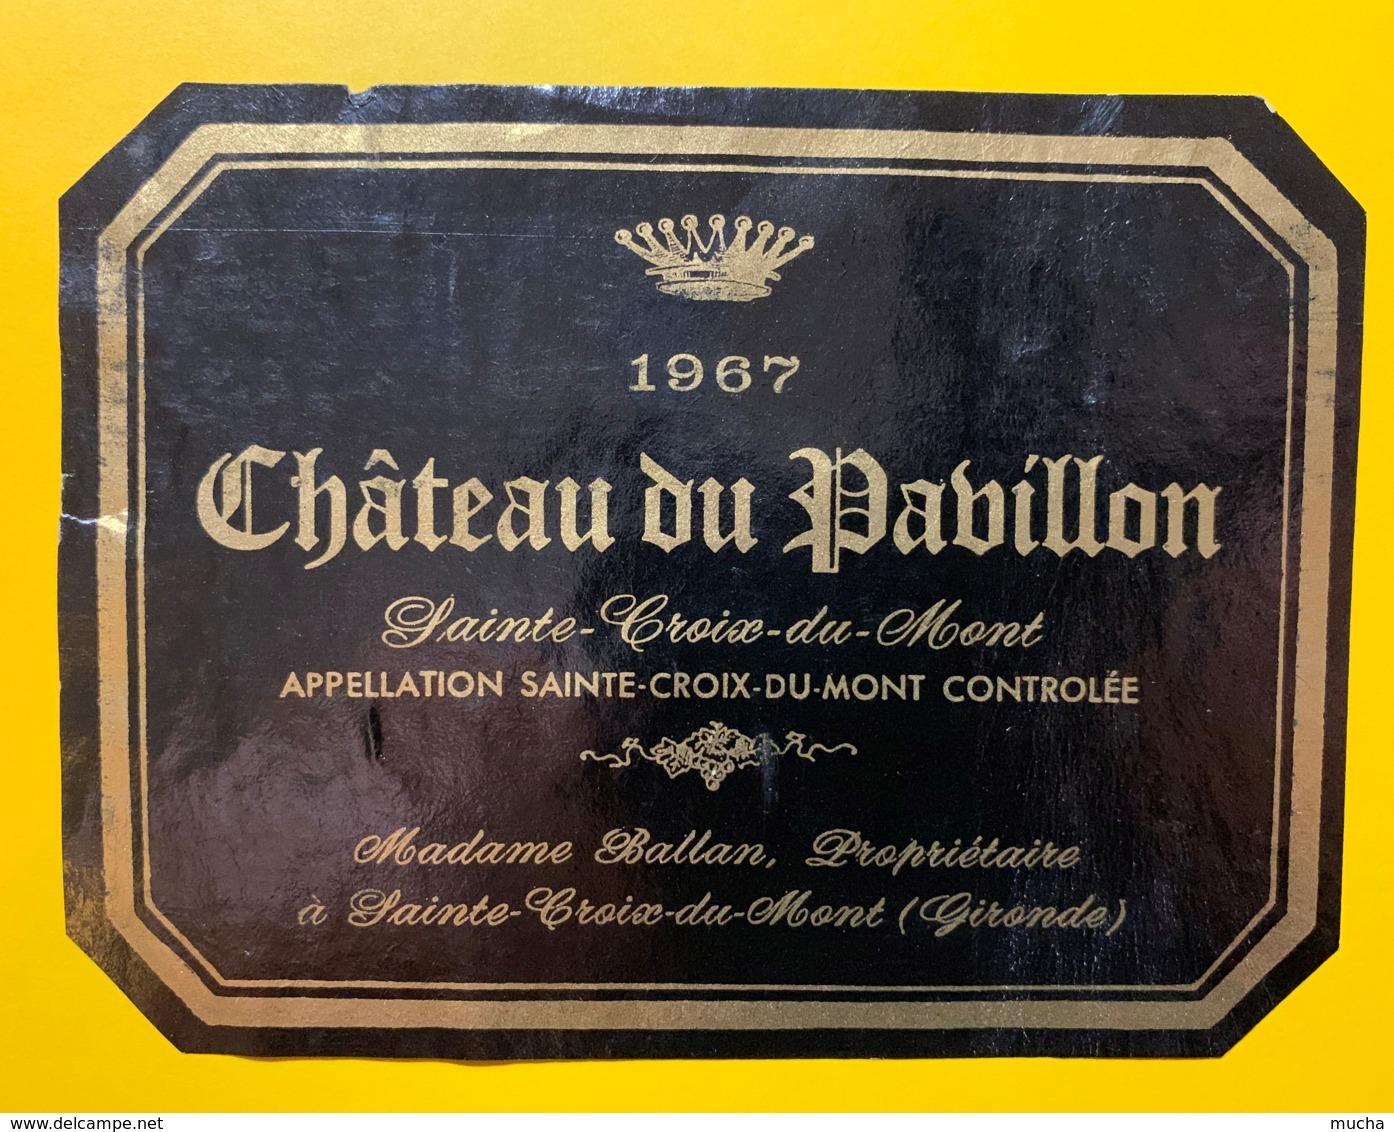 10256 - Château Du Pavillon 1967 Sainte-Croix-du-Mont - Bordeaux